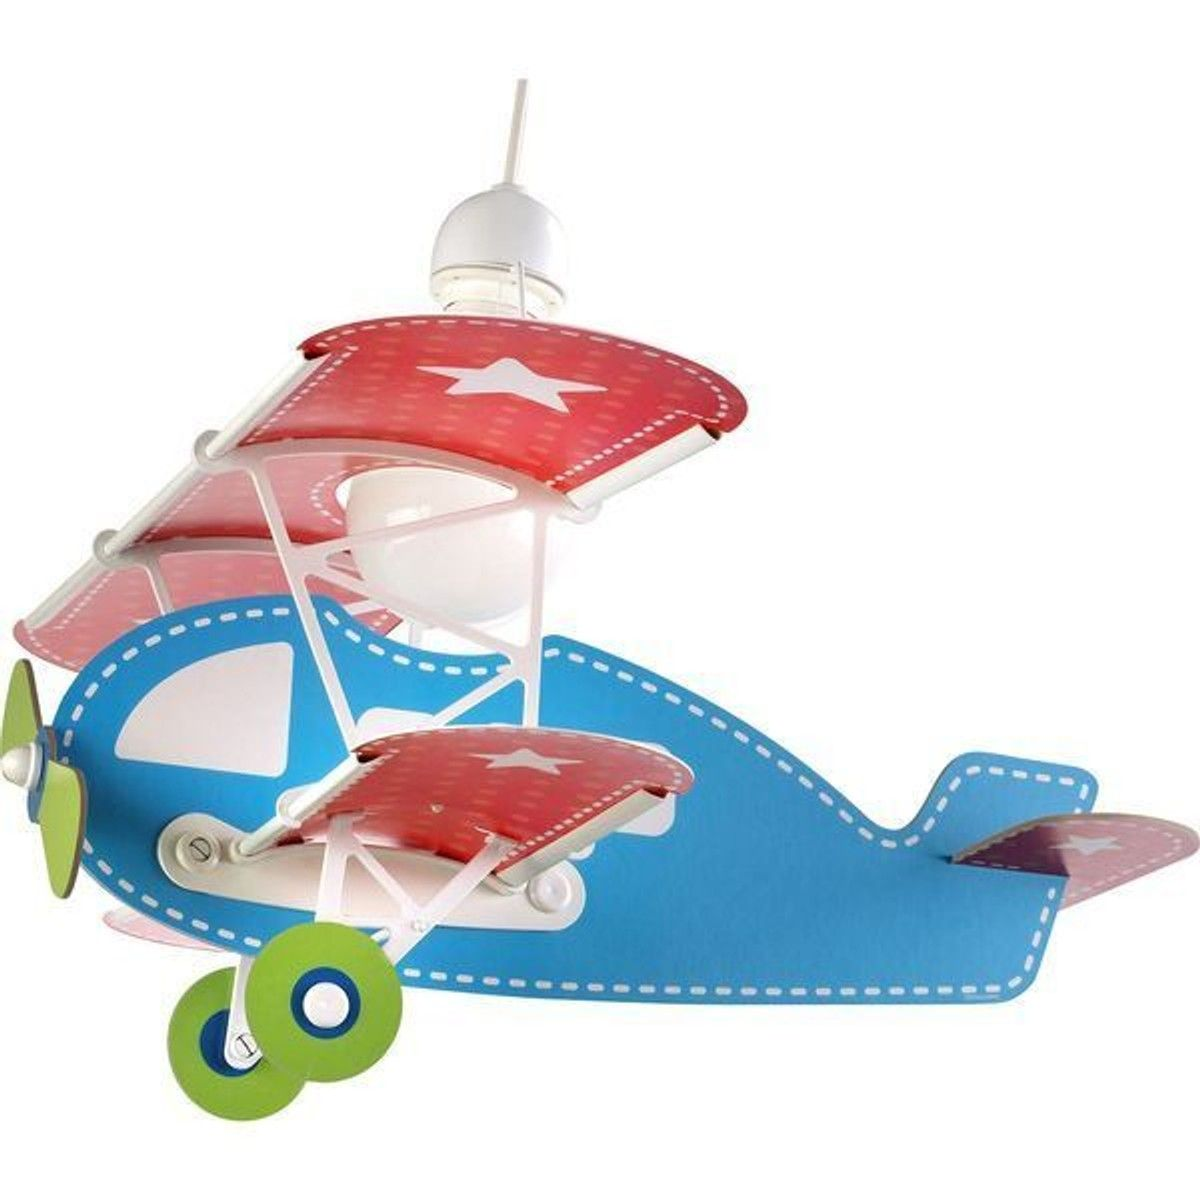 Enfant Bleu Dalber Taille 54002 Avion Suspension F1JT3lKc